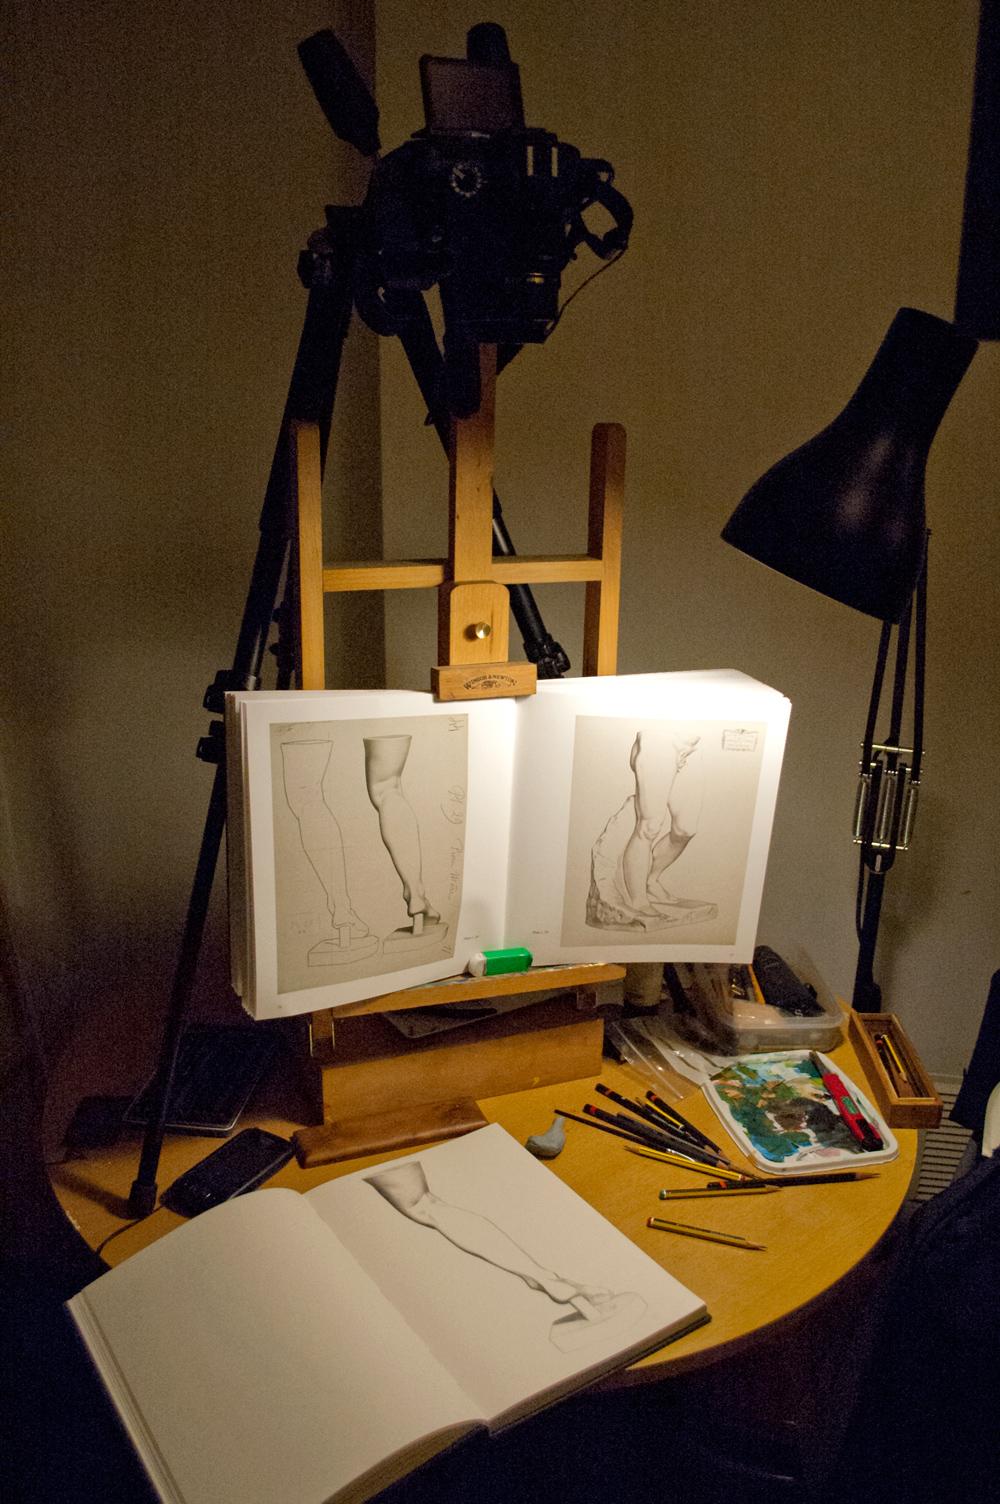 Bargue drawing setup